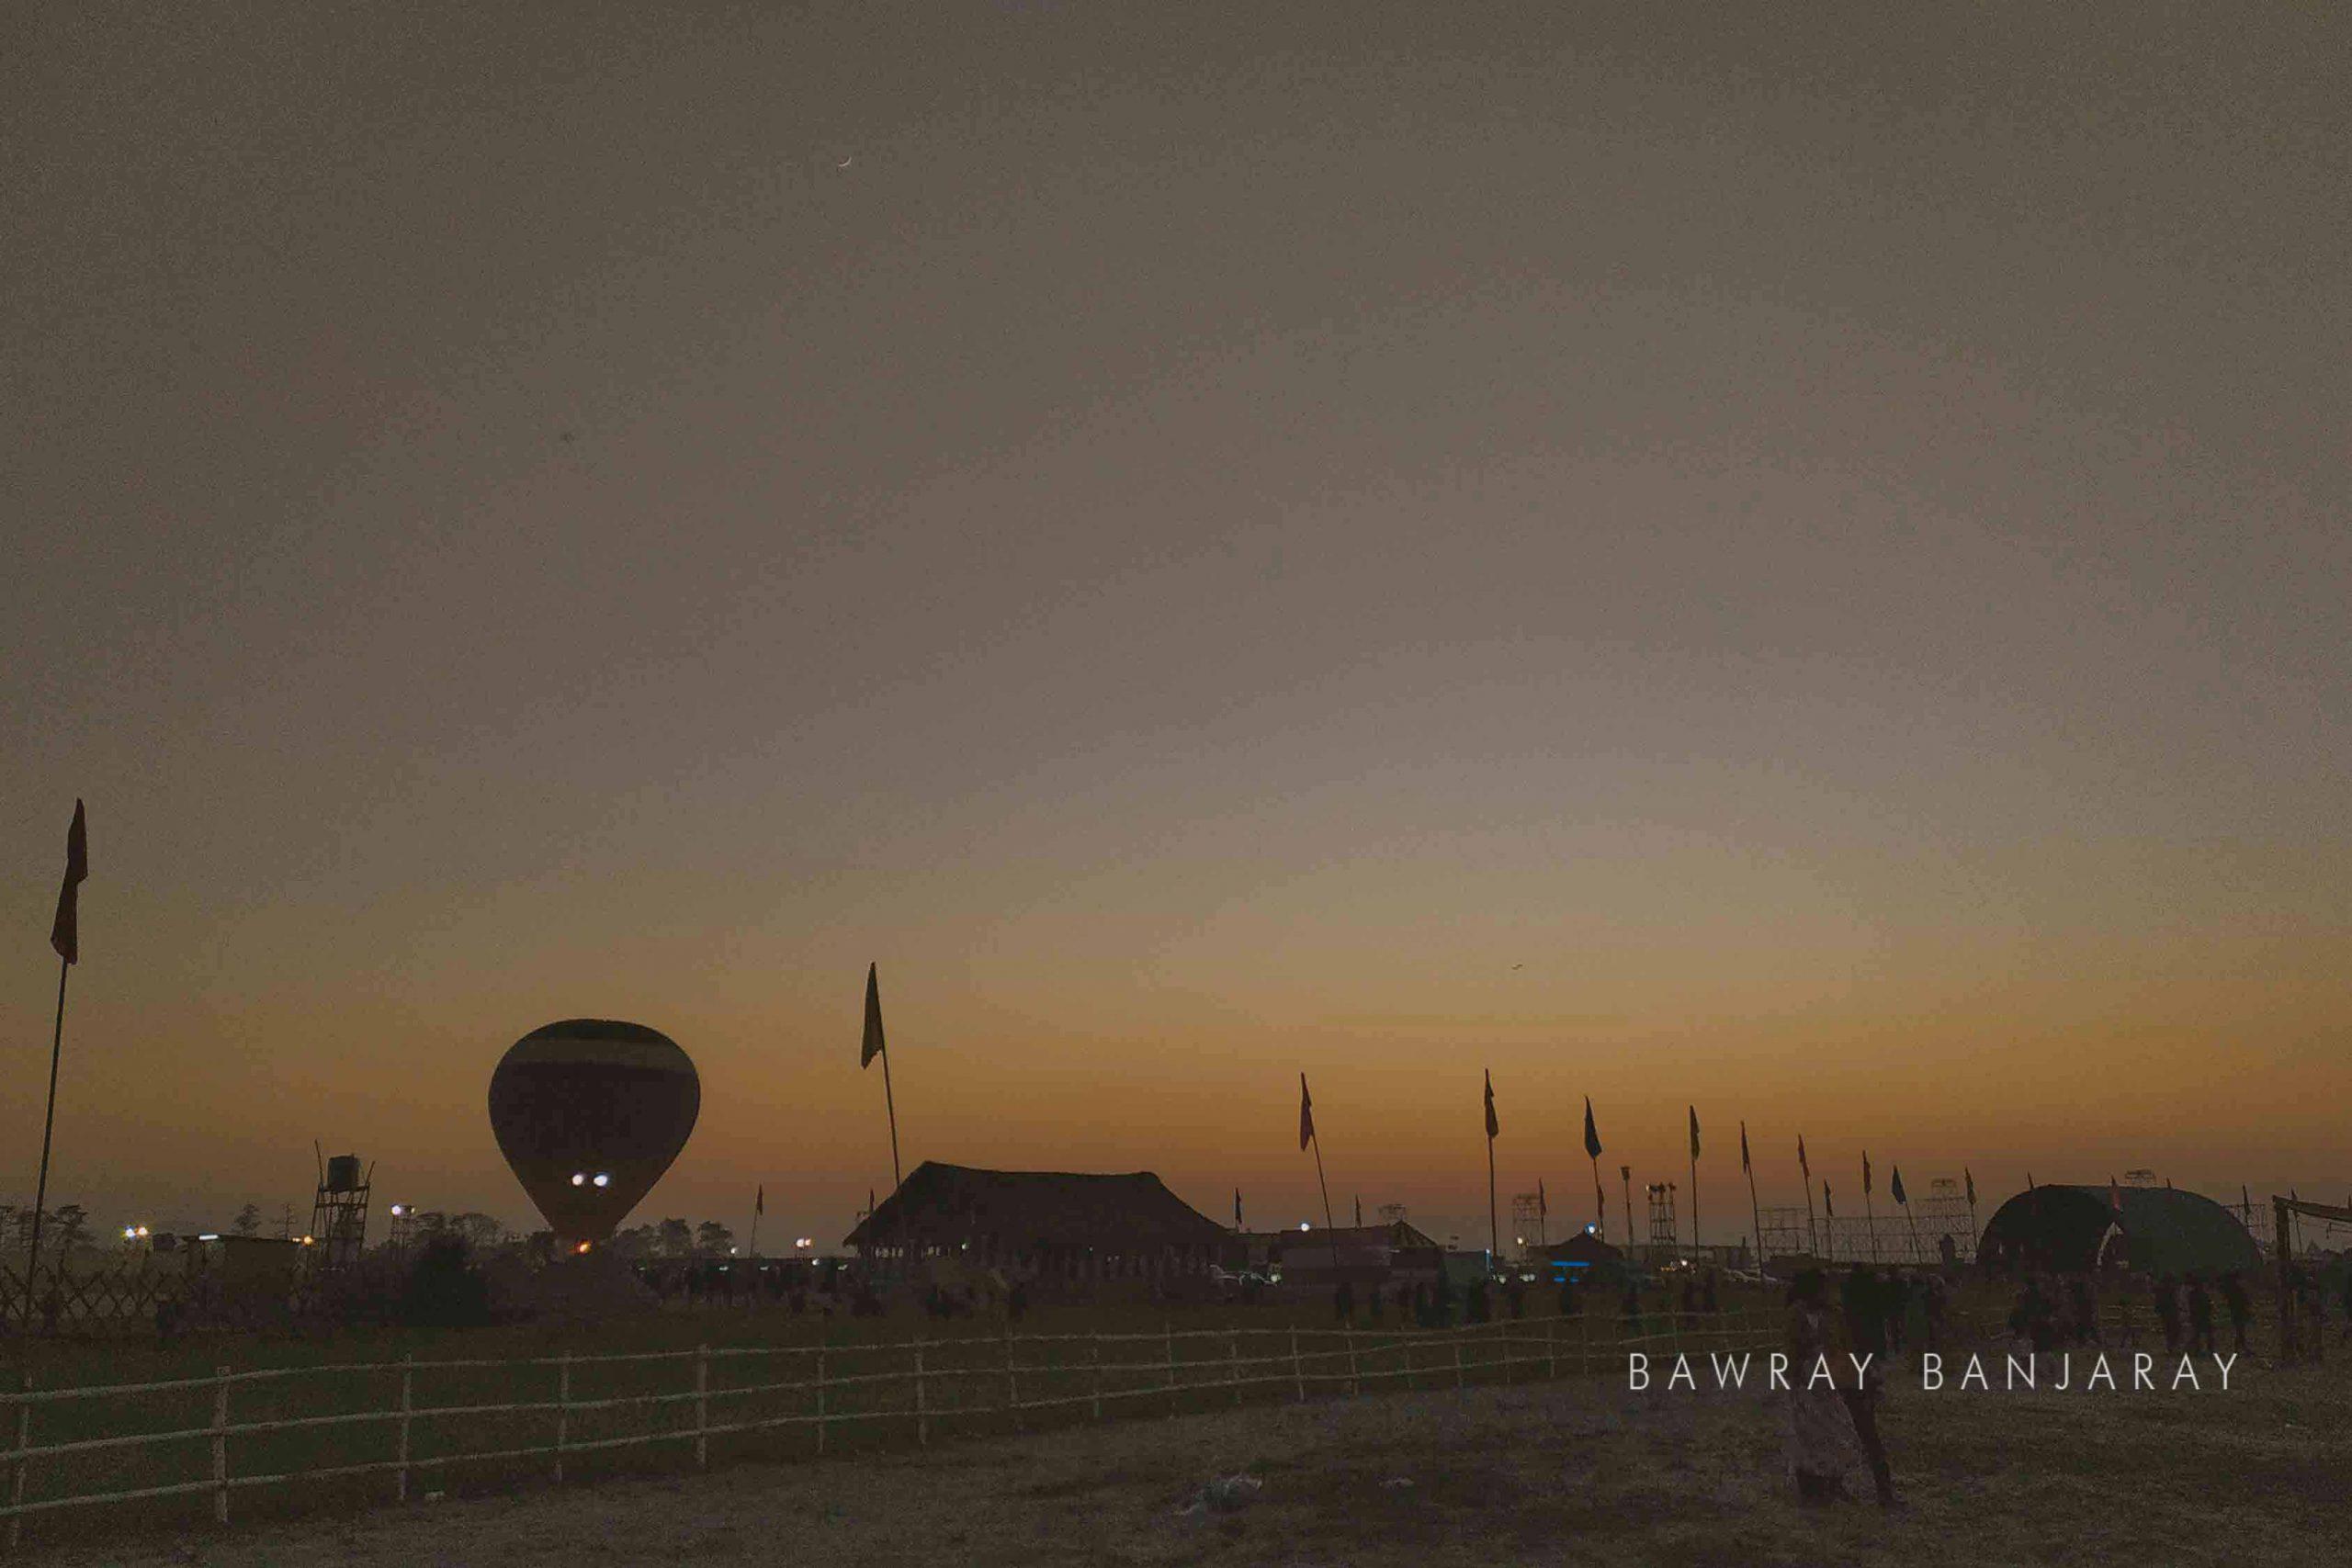 Hot air balooning at Dwijing Festival